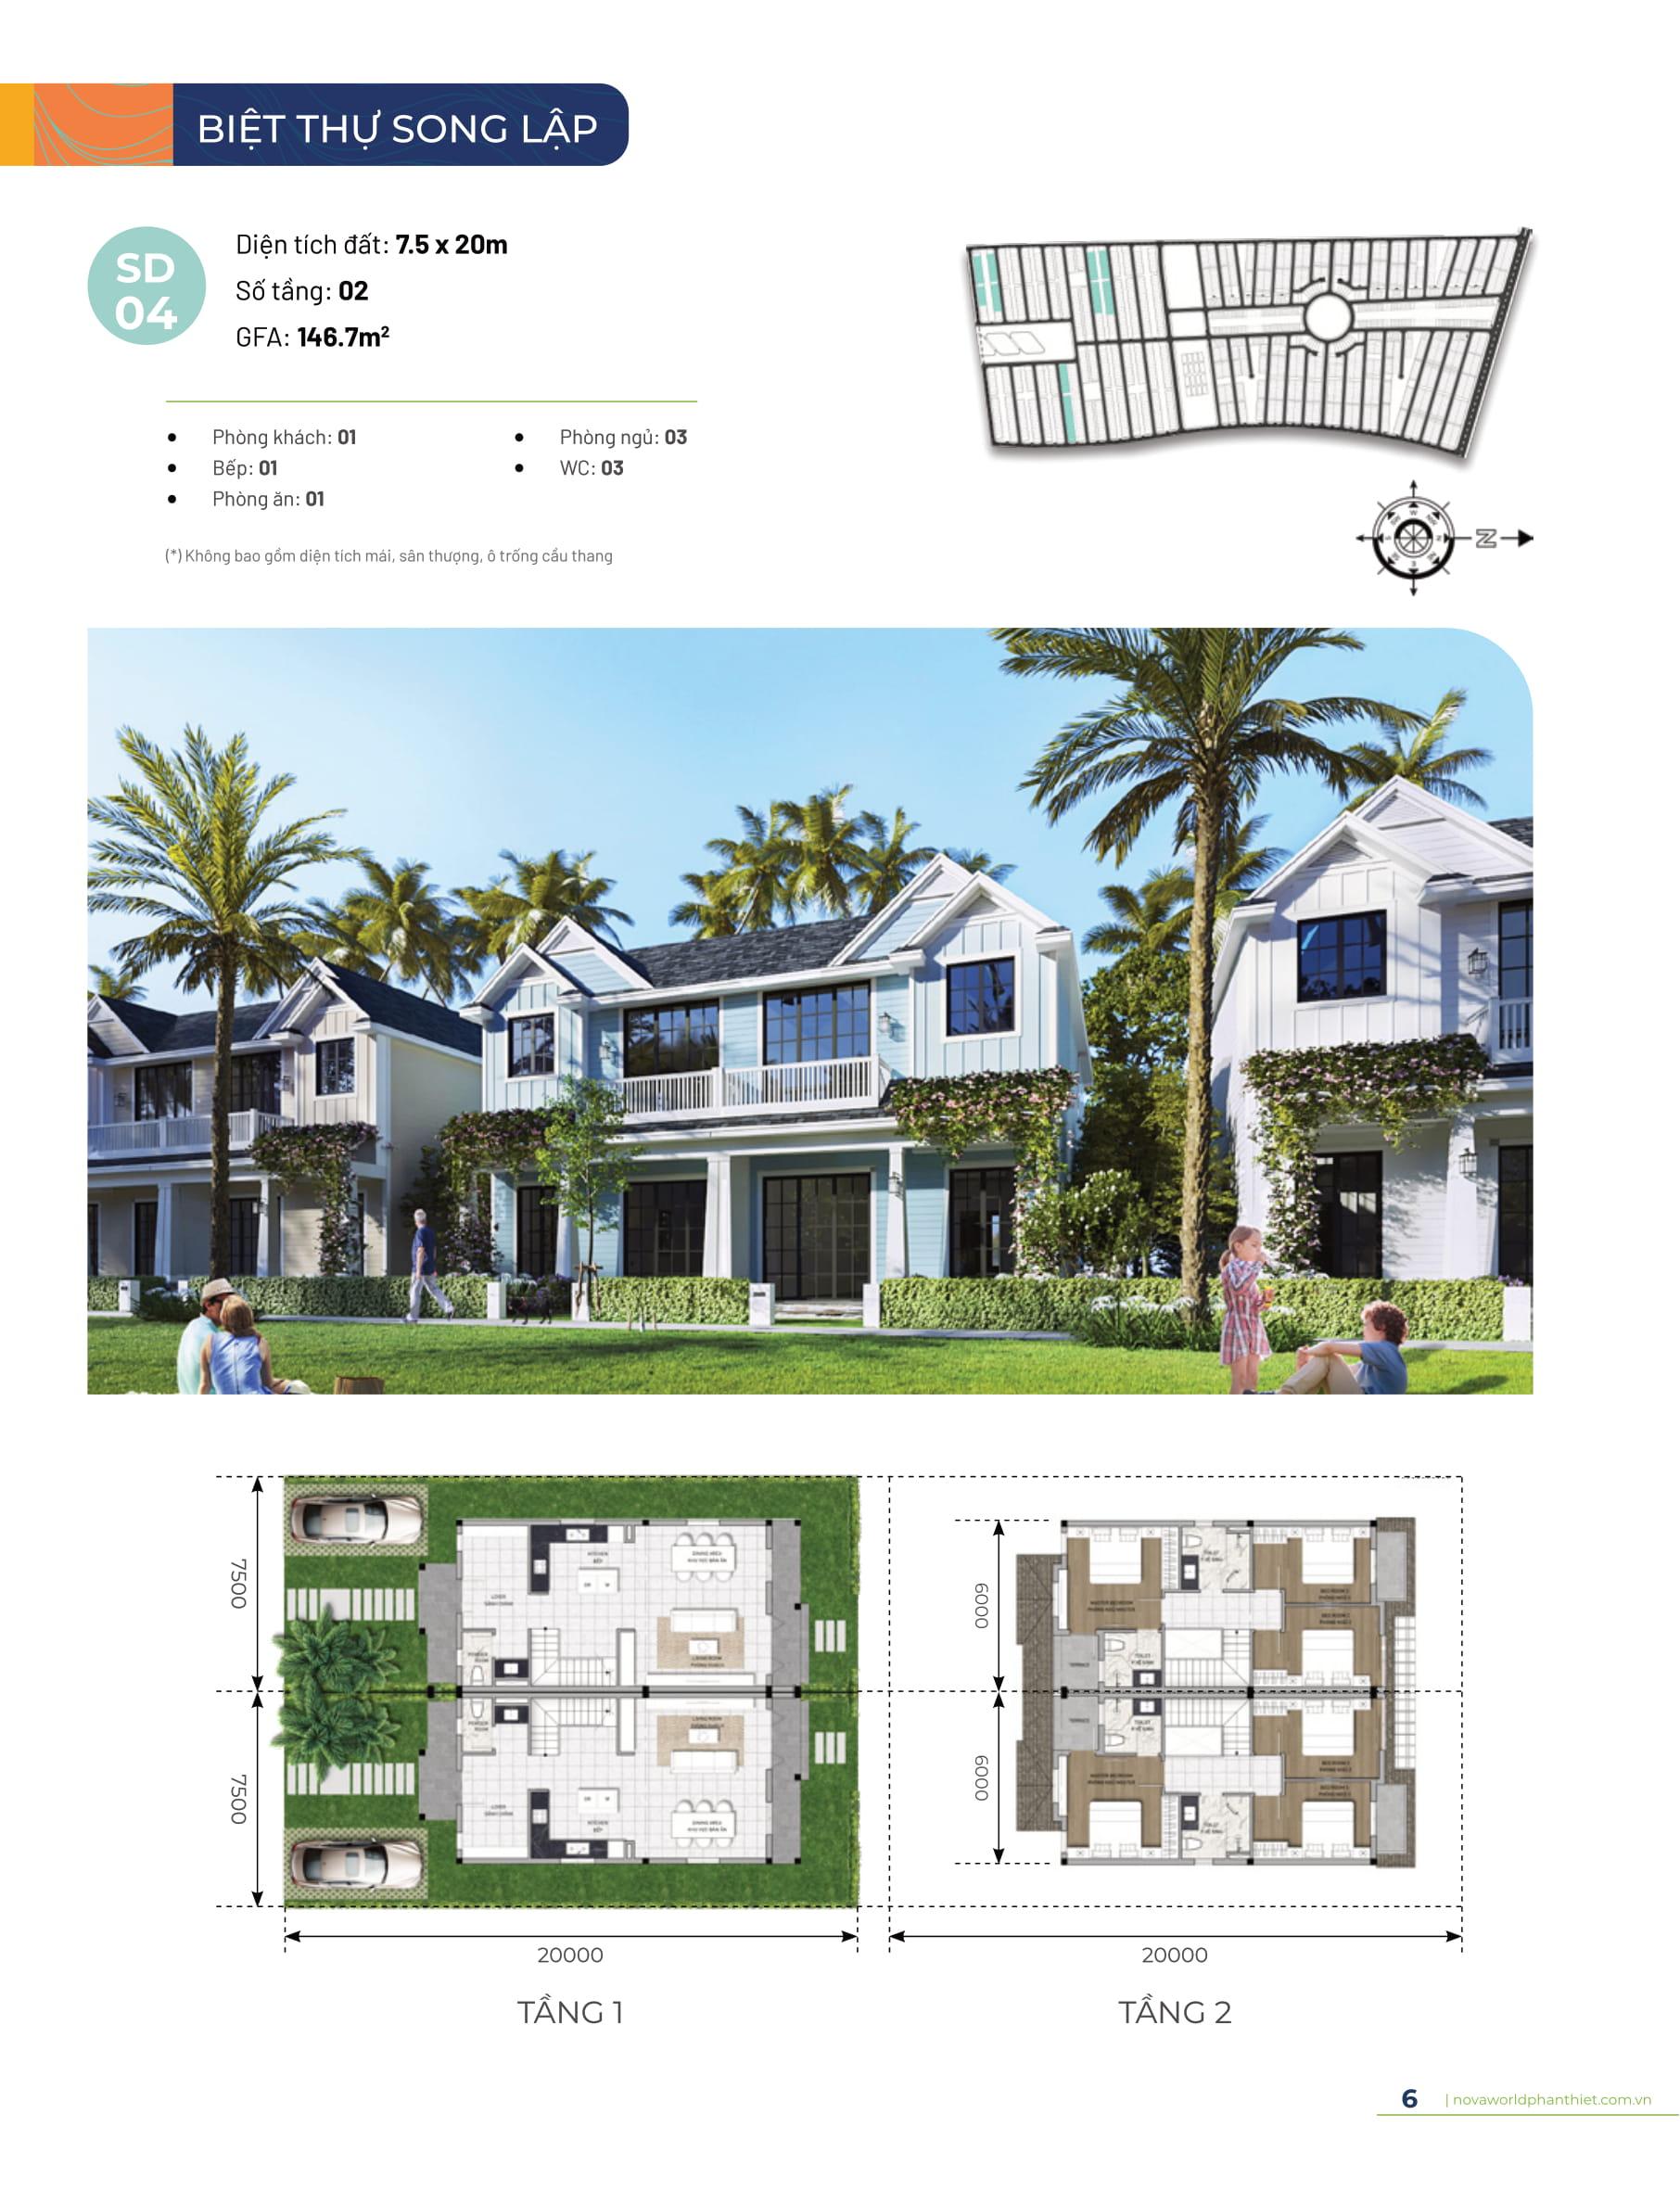 mb-nwp-plans-4b-210820-05